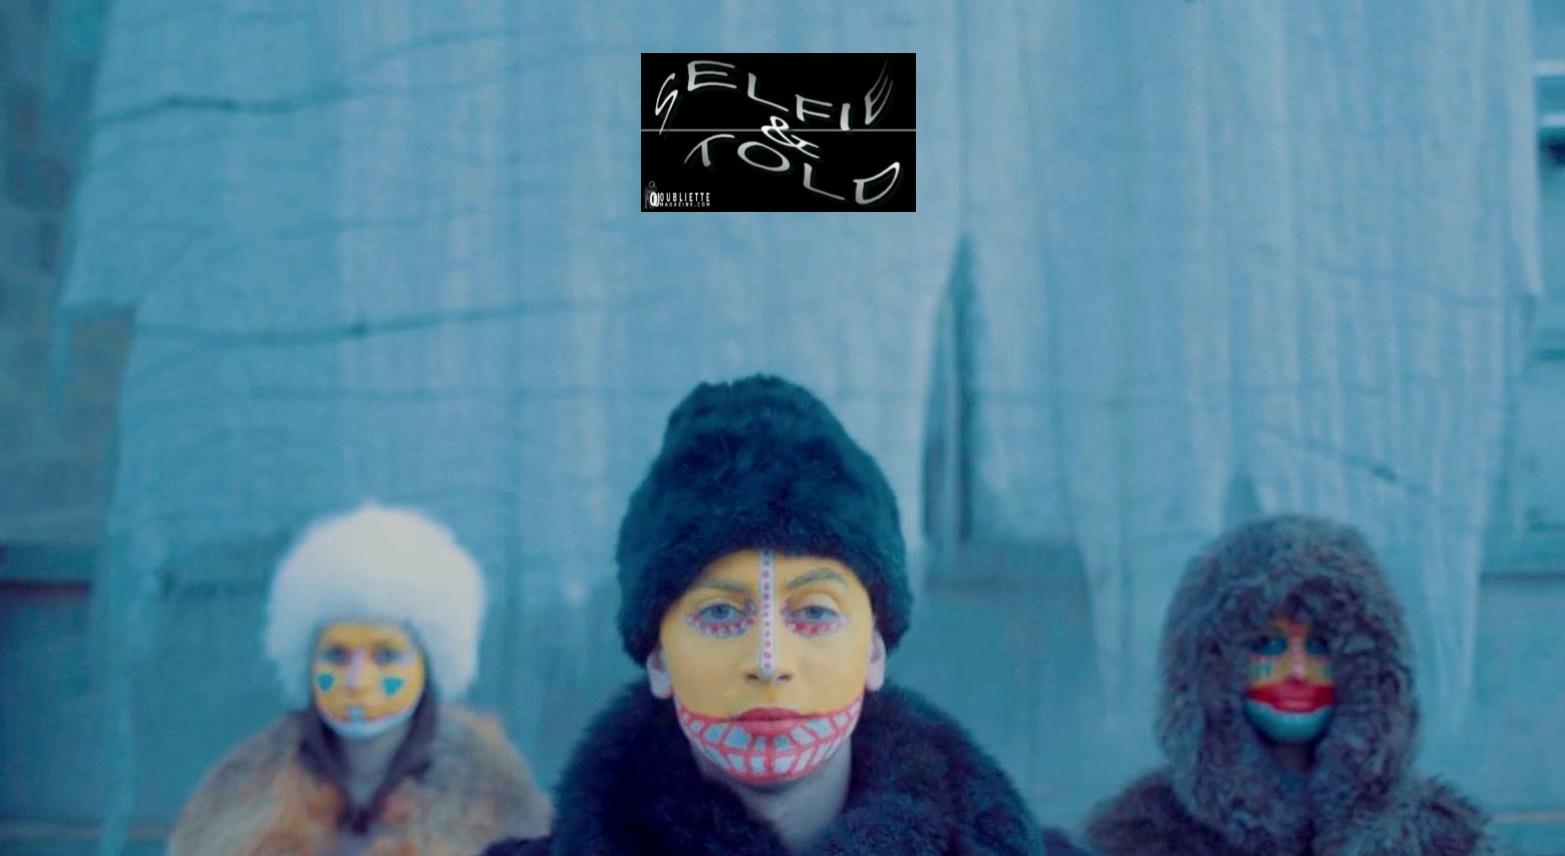 """Selfie & Told: la gloriosa Band Bunker Club racconta il nuovo album """"È da troppi giorni che non prego"""""""